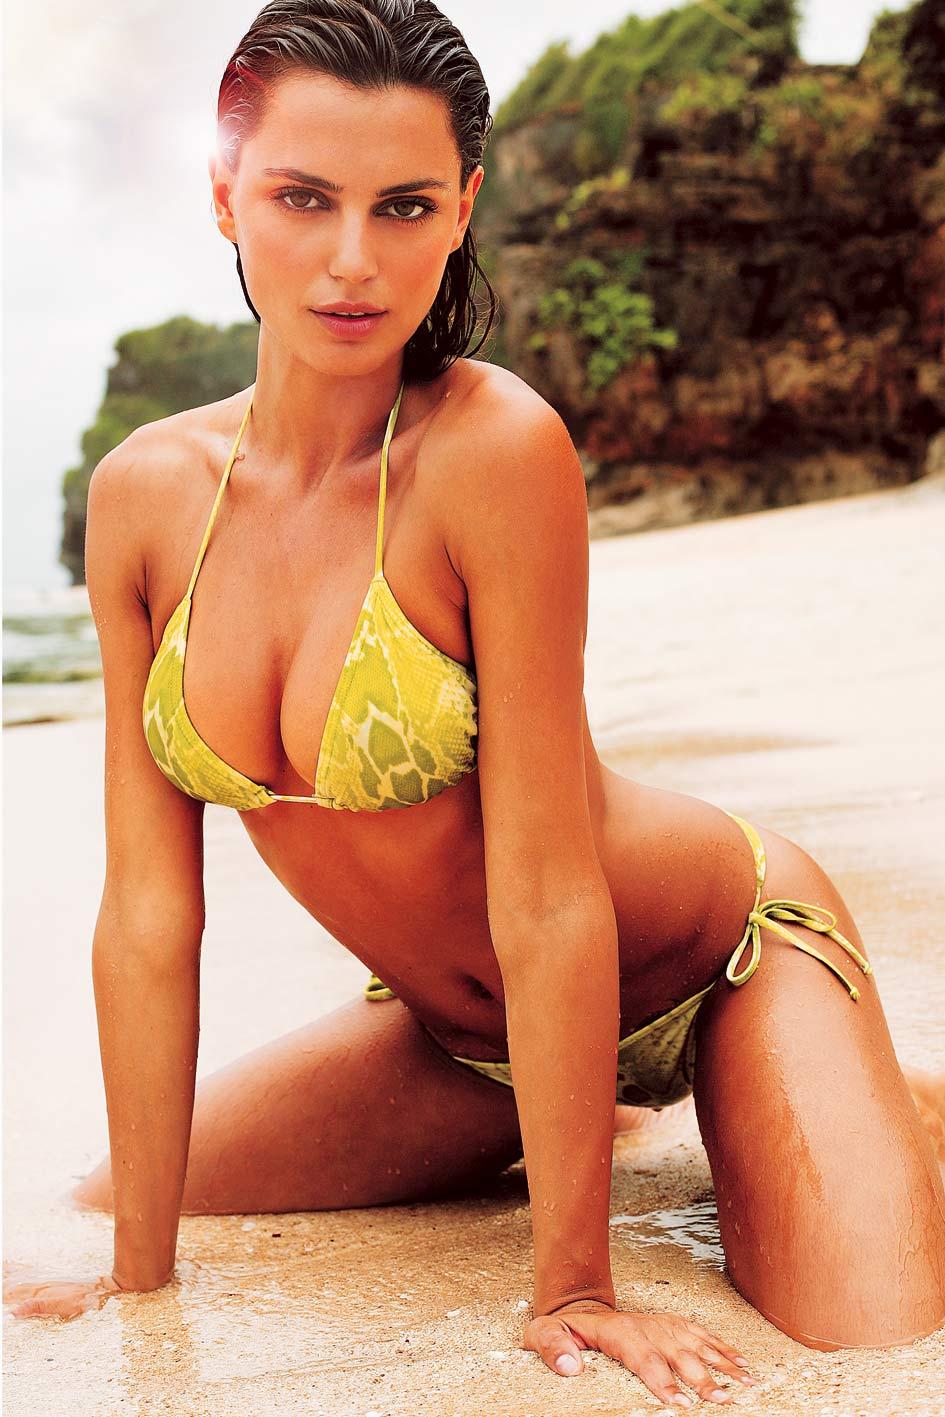 girls-in-bikini-photo-mix-59